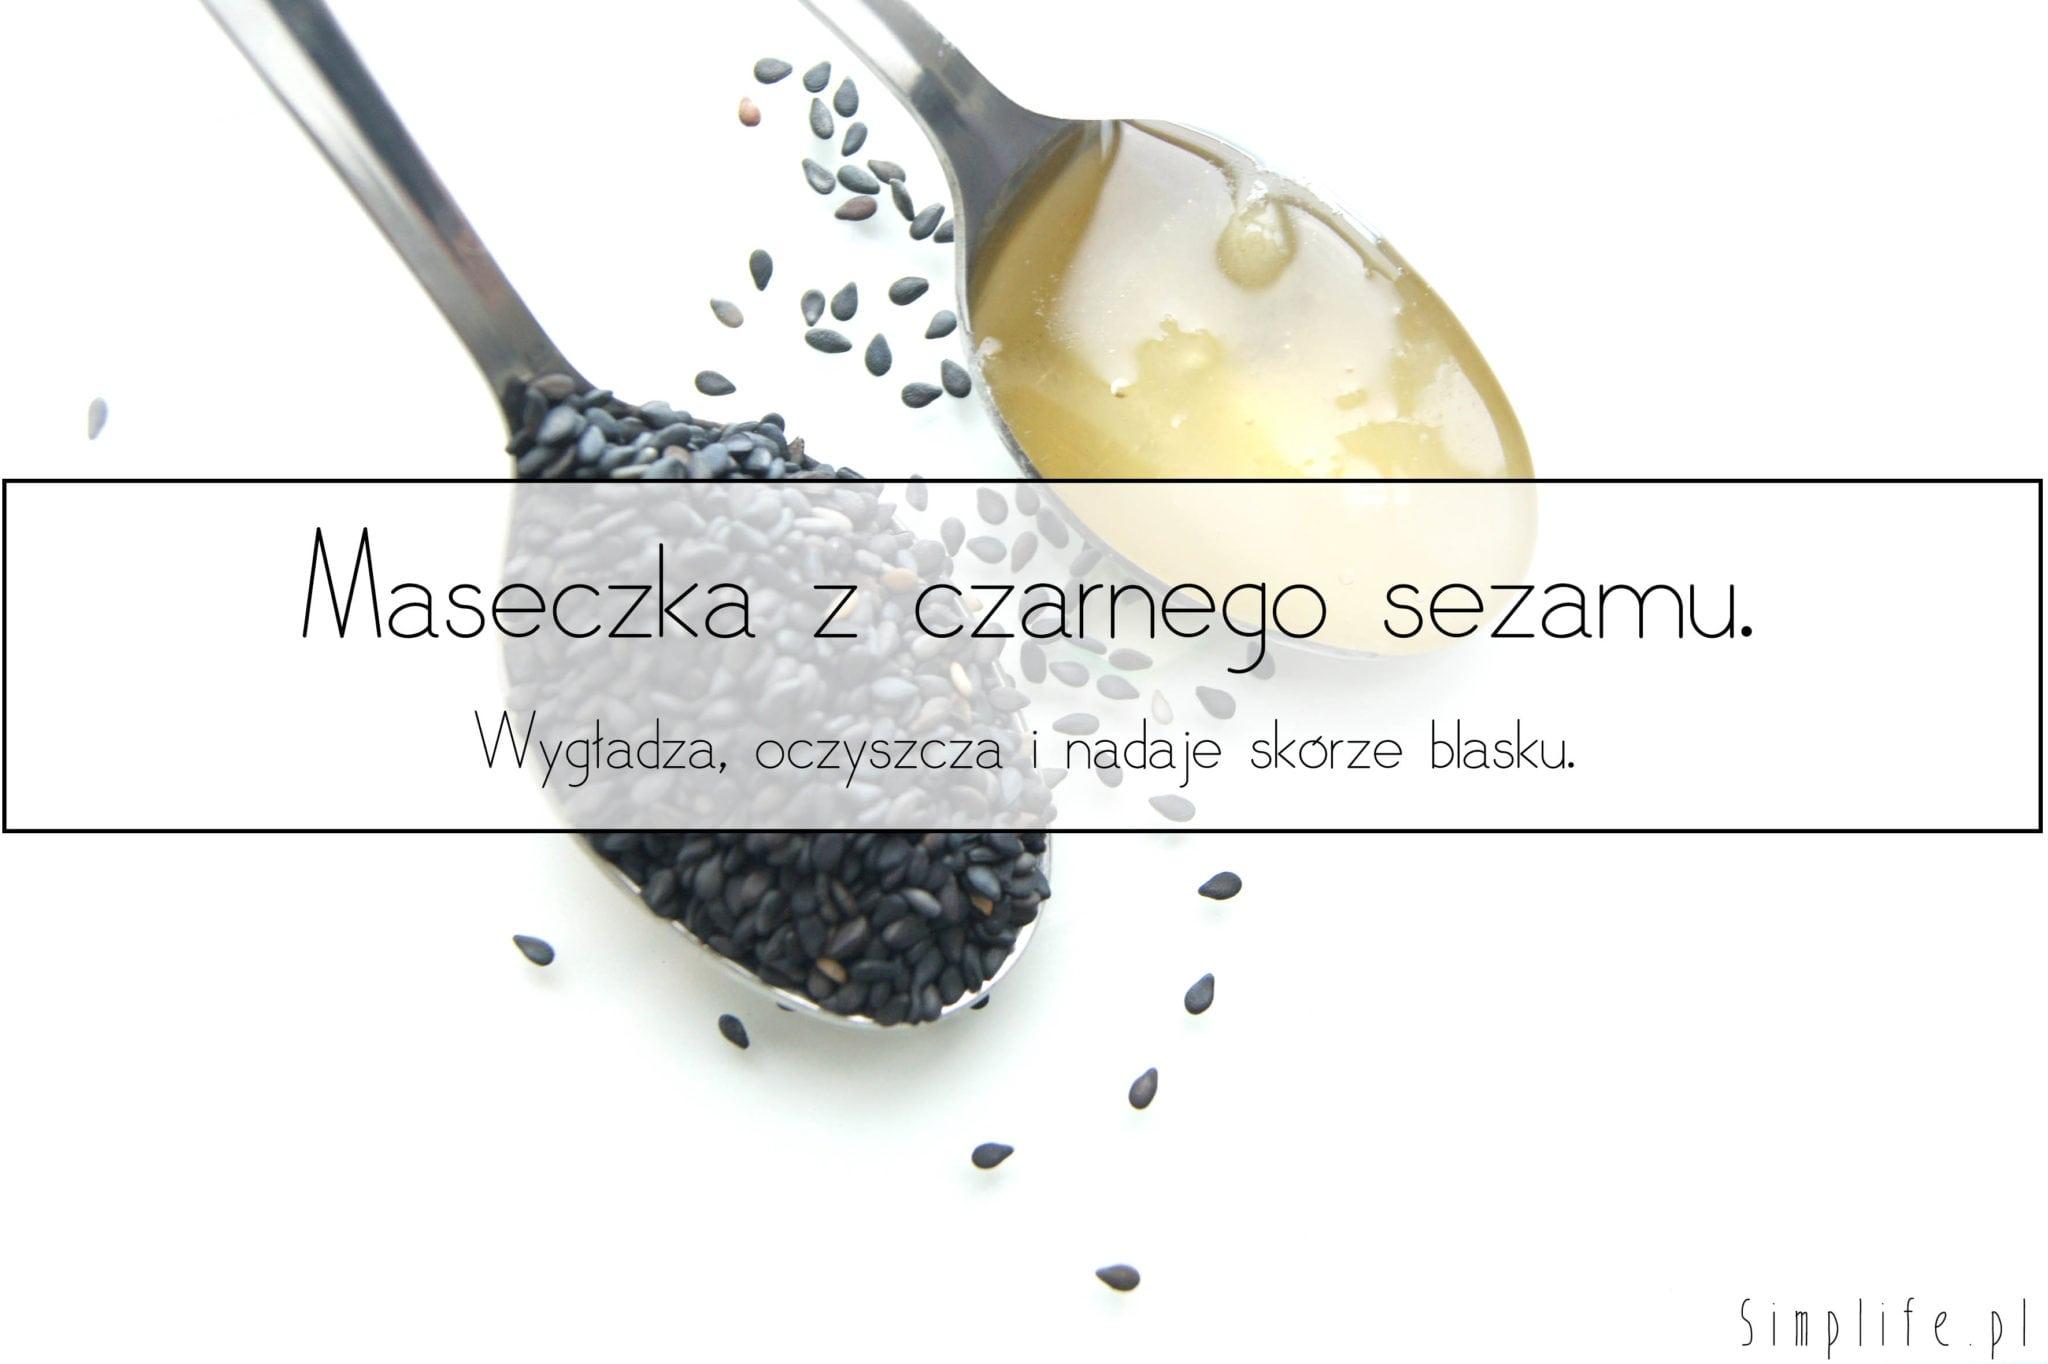 maseczka-z-czarnego-sezamu